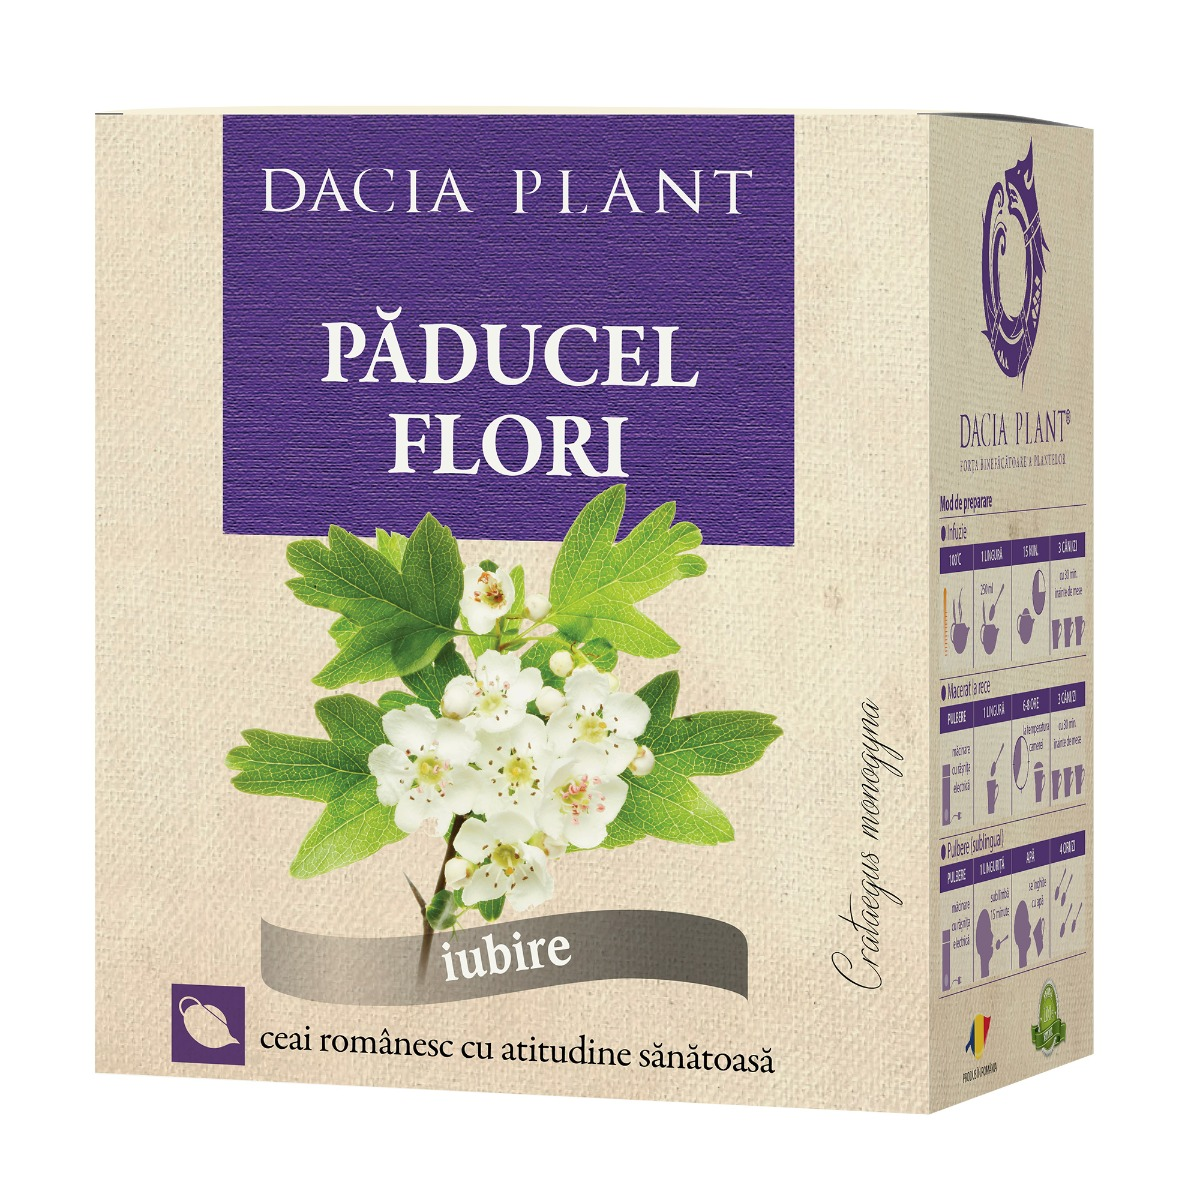 Ceai de paducel flori, 50g, Dacia Plant drmax.ro